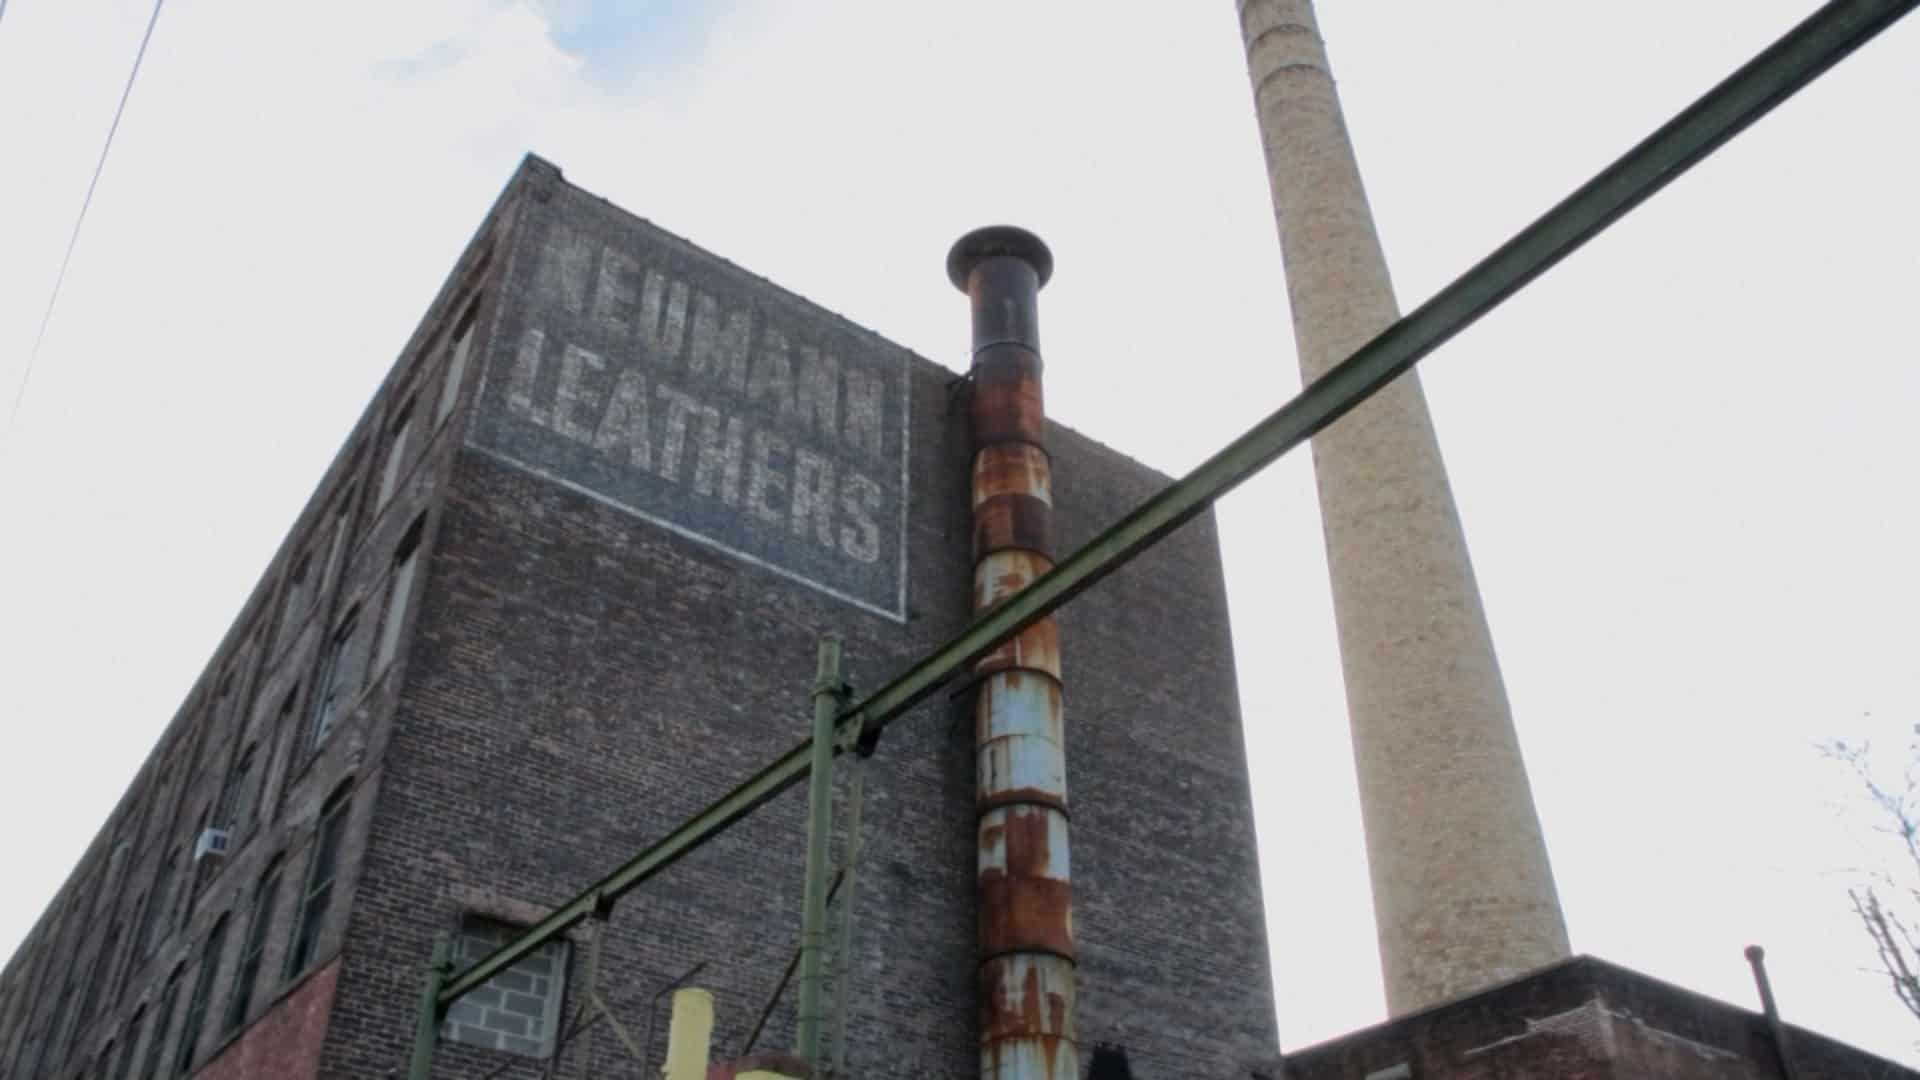 Neumann Leathers